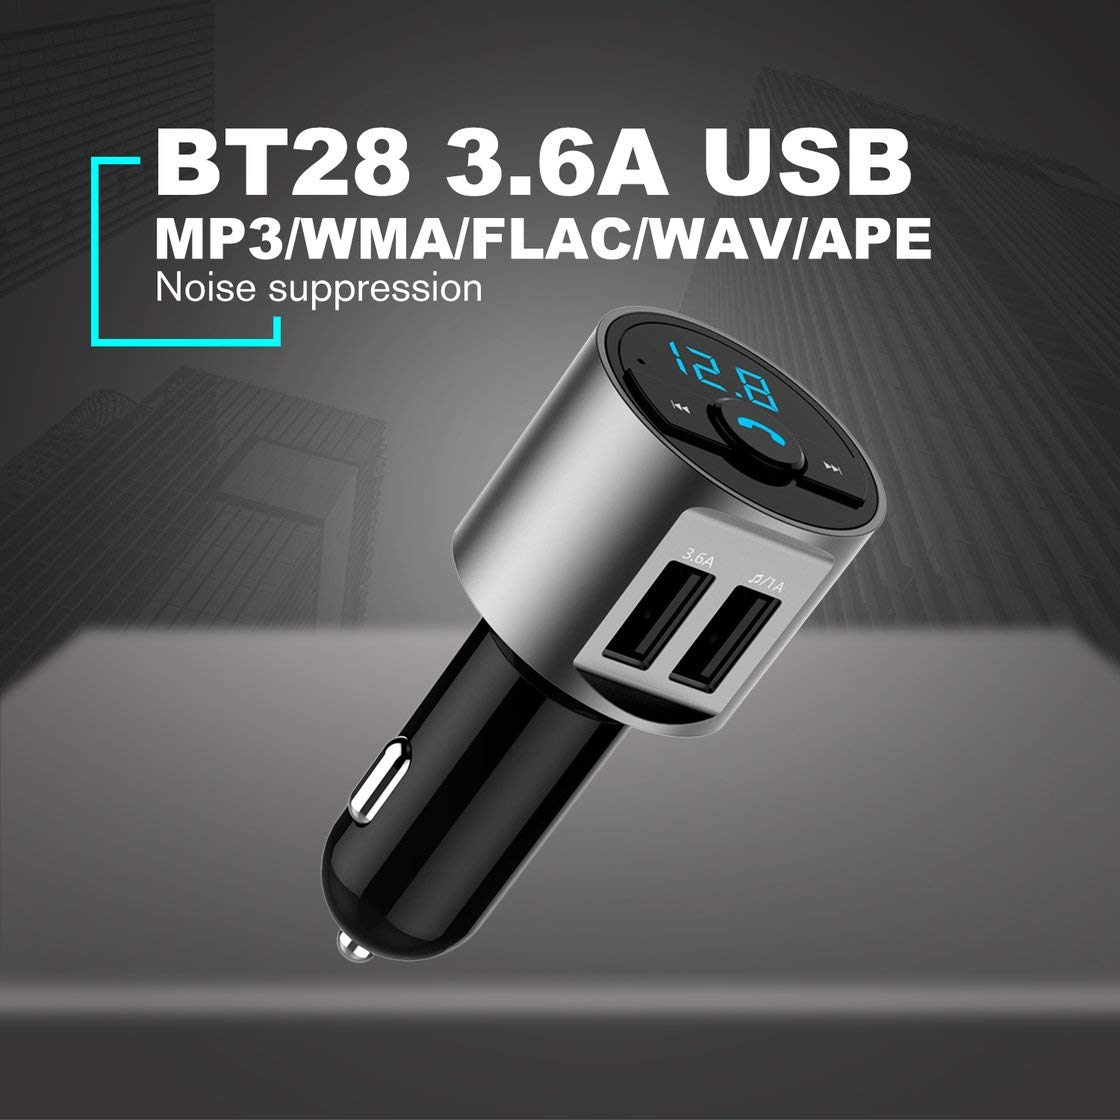 BT28 3.6A Chargeur USB Kit De Voiture Bluetooth Transmetteur FM Modulateur Audio Musique Voiture Mp3 Lecteur T/él/éphone Sans Fil Mains Libres Carkit